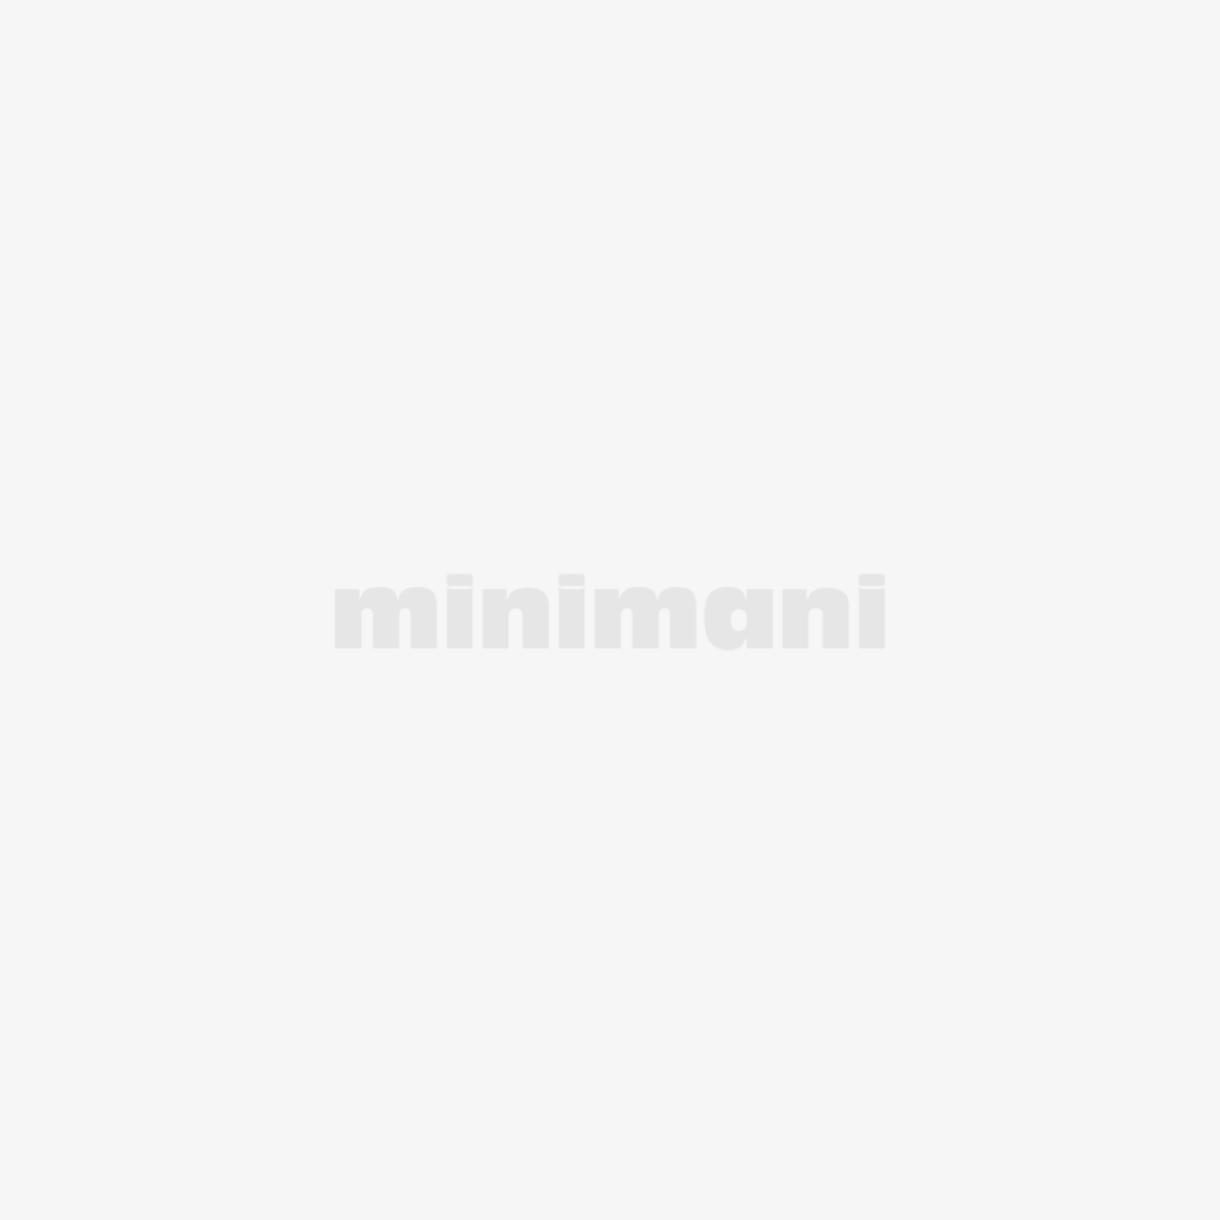 Vallila Hiutale pussilakanasetti 150x210cm, sininen